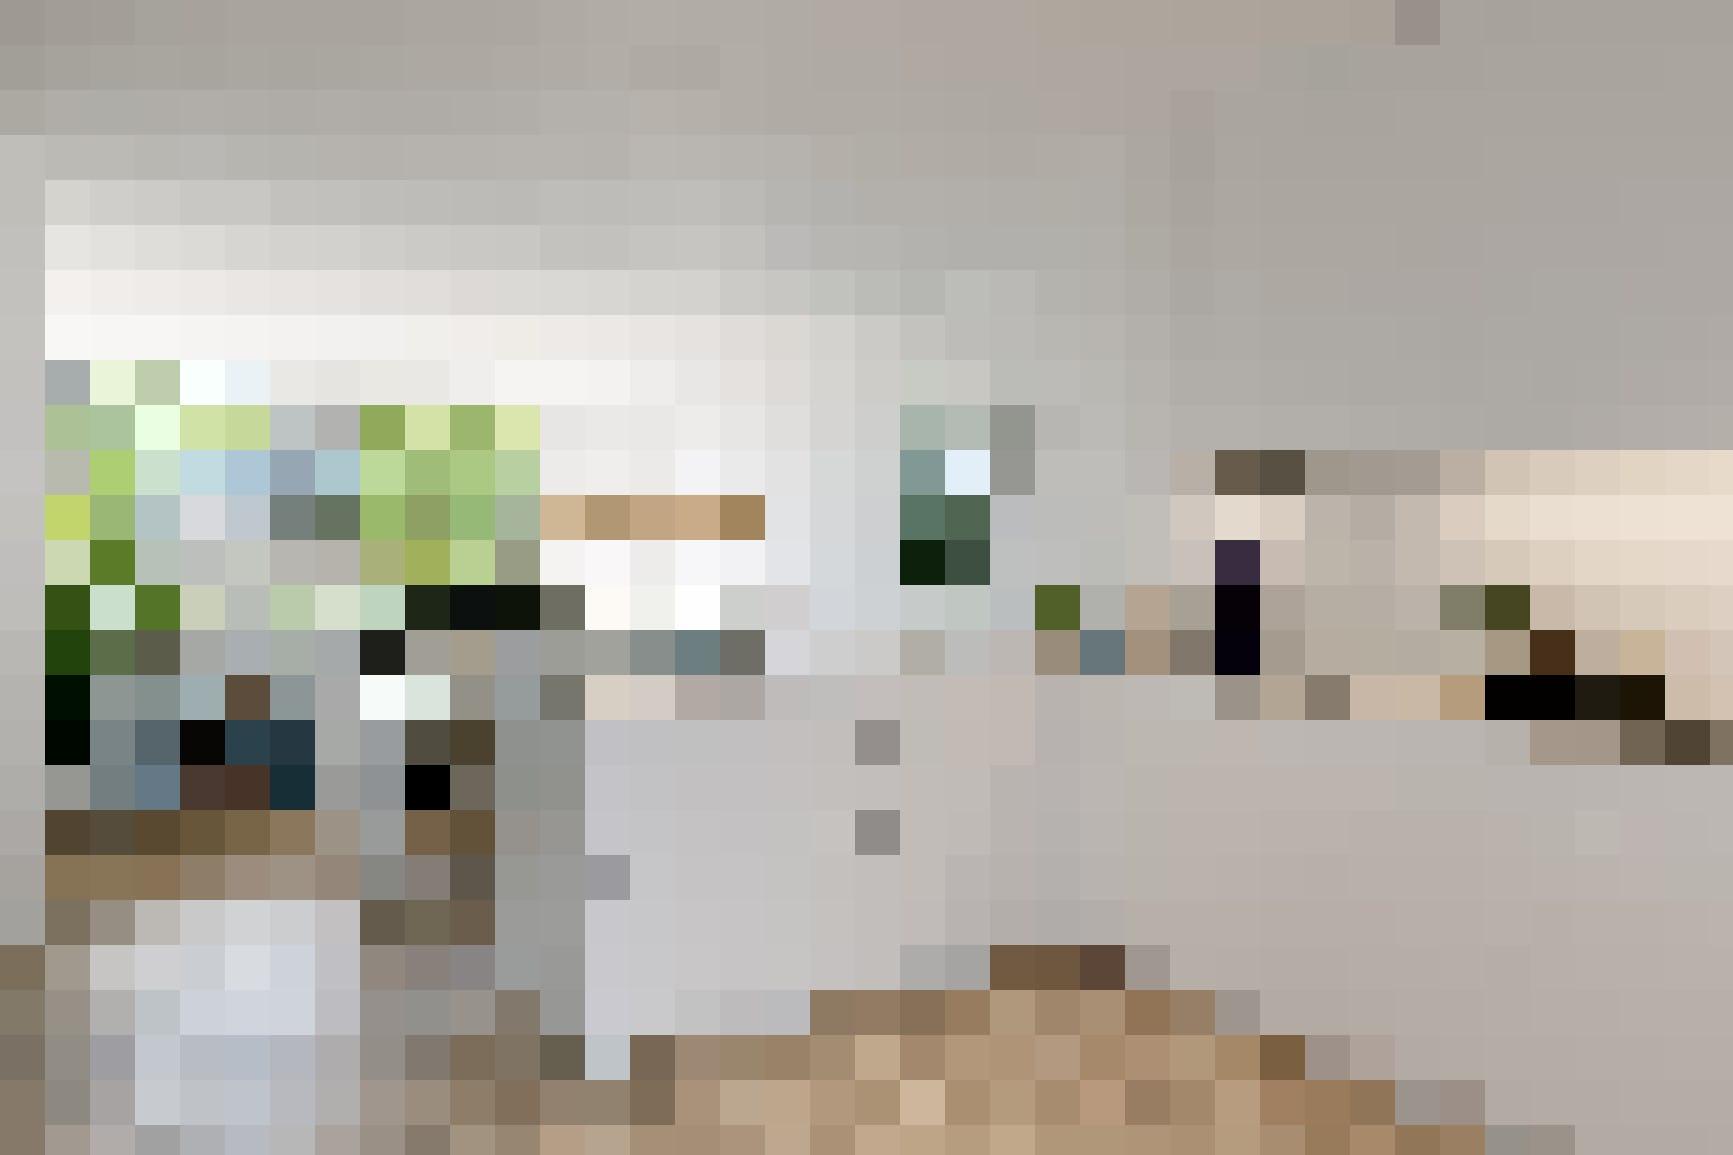 «Hinter Gärten» bietet ein individuelles Wohnangebot auf hohem Niveau – in hellen, lichtdurchfluteten Räumen mit durchdachten Grundrissen und hochwert...